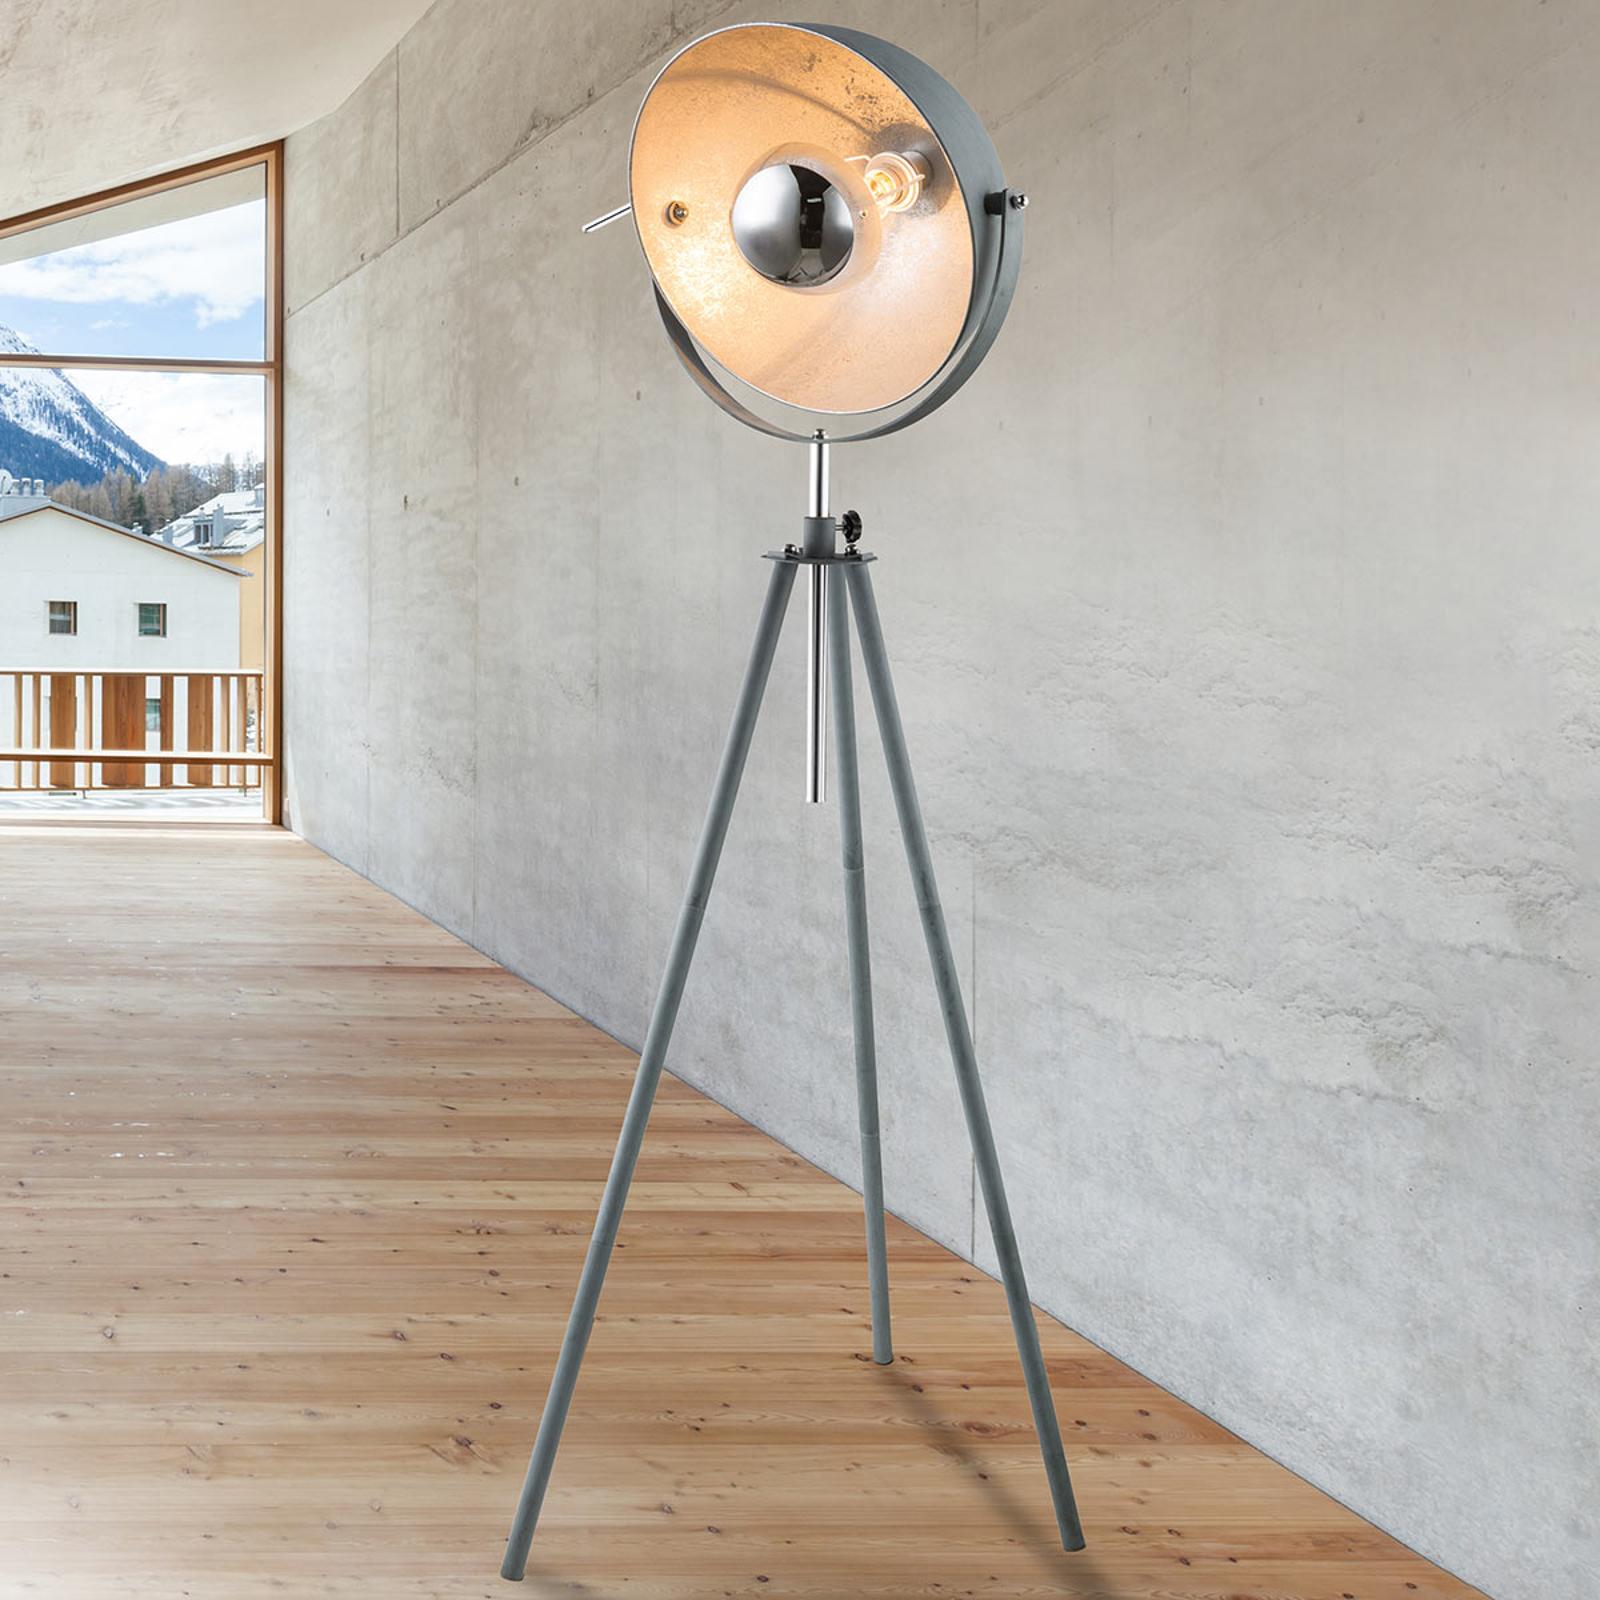 Miriam trójnożna lampa stojąca o wyglądzie betonu